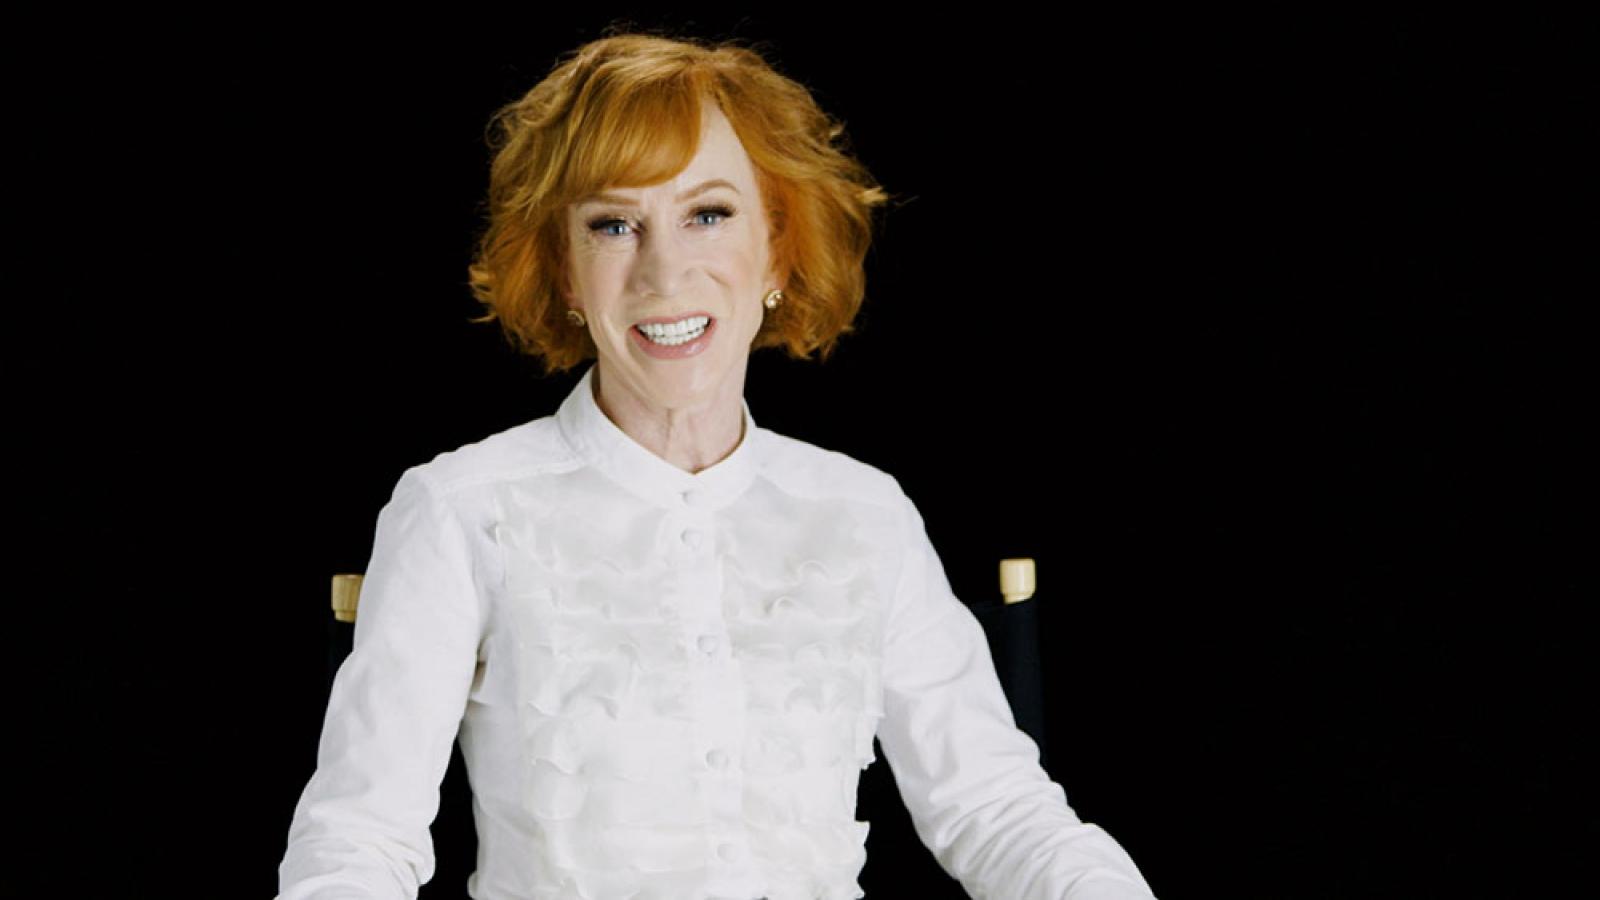 Danh hài Kathy Griffin phải cắt bỏ một nửa lá phổi trái